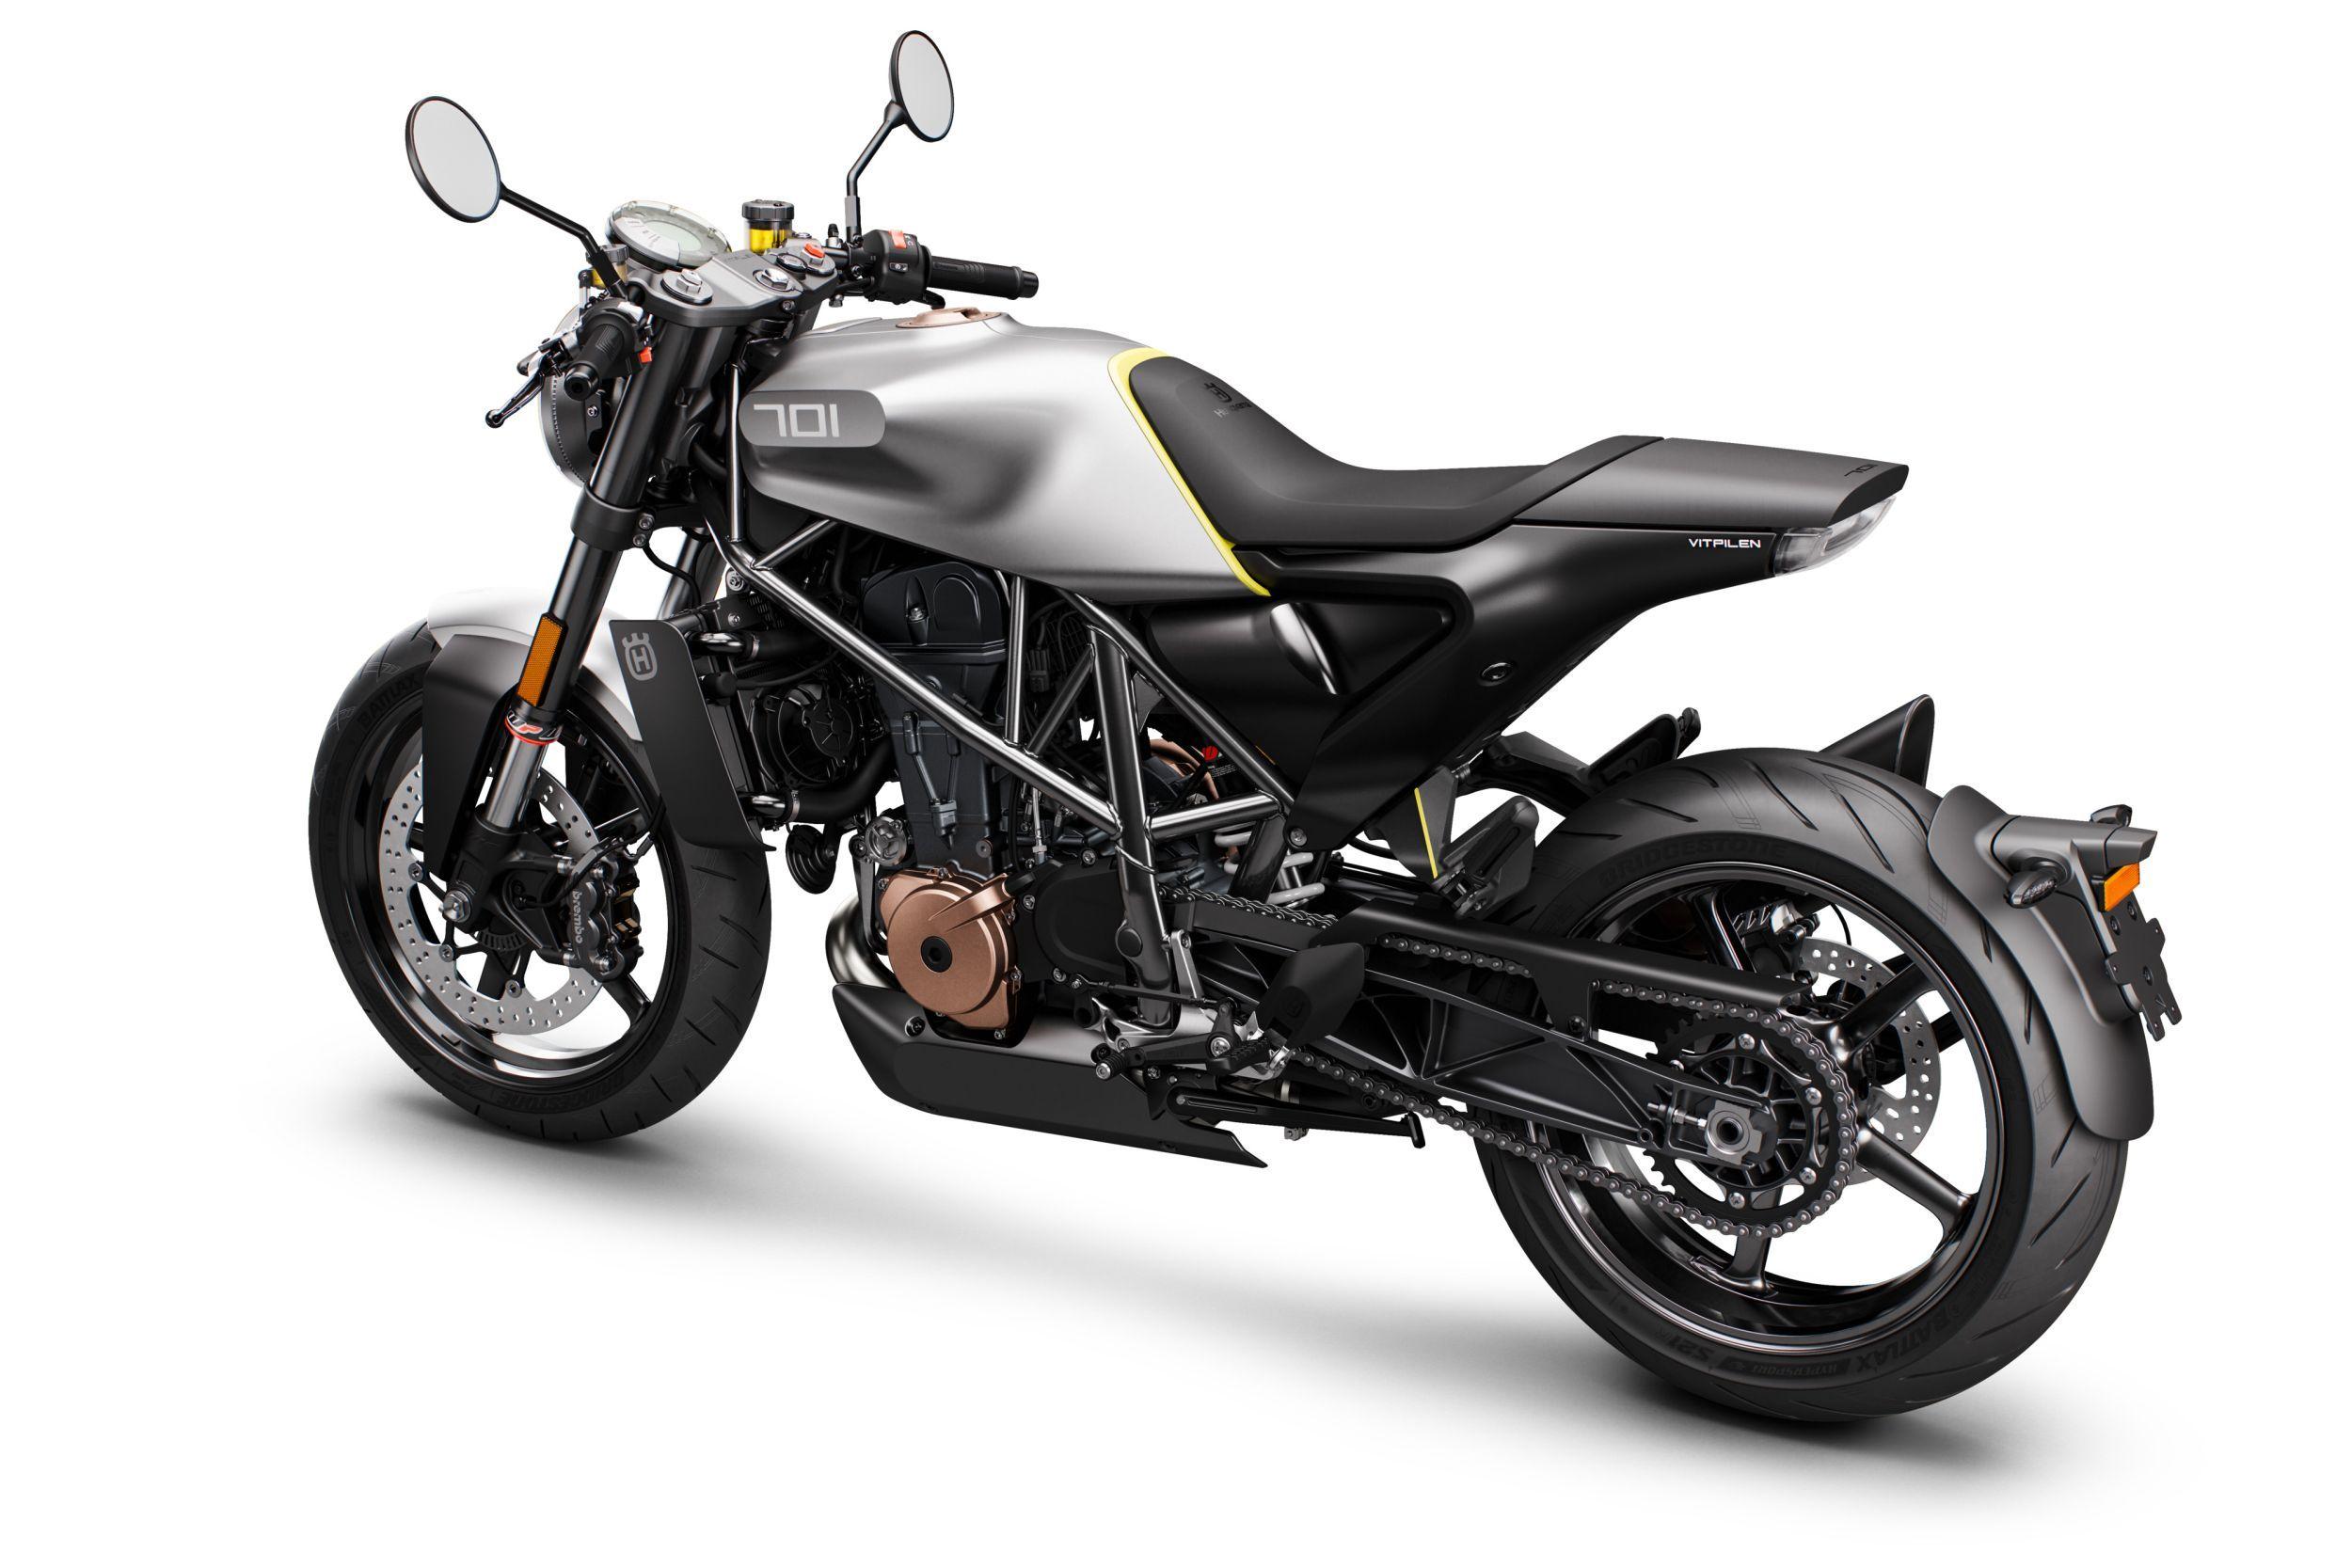 Husqvarna Sm 701 2018 >> Gebrauchte und neue Husqvarna Vitpilen 701 Motorräder kaufen